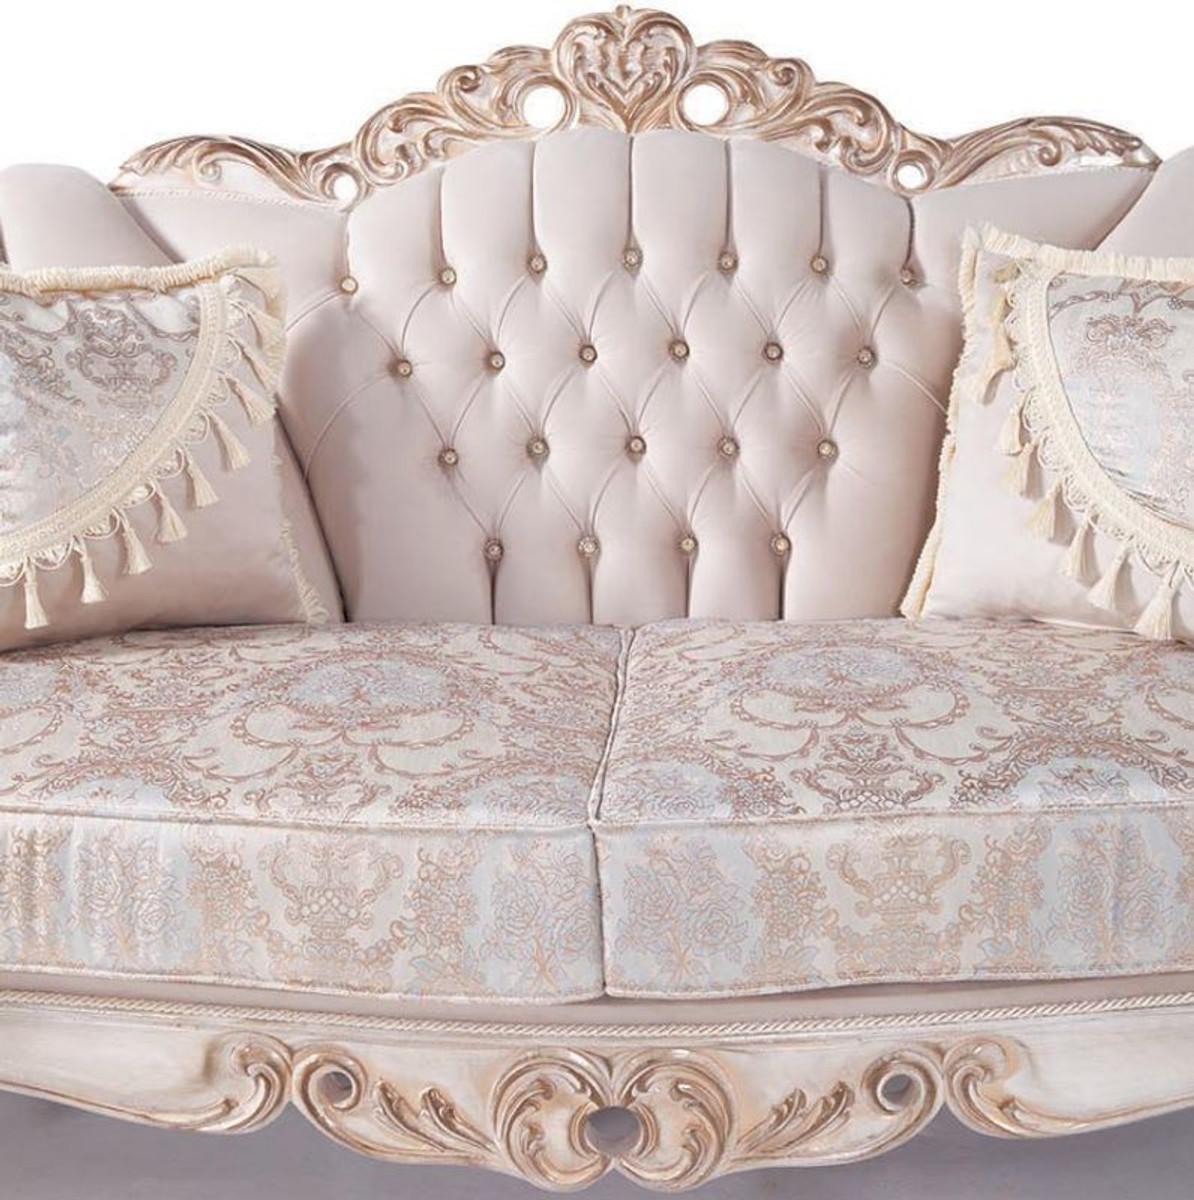 Wohnzimmer Sitzsack Chacos In Weiß Taupe: Casa Padrino Luxus Barock Wohnzimmer Sofa Mit Kissen